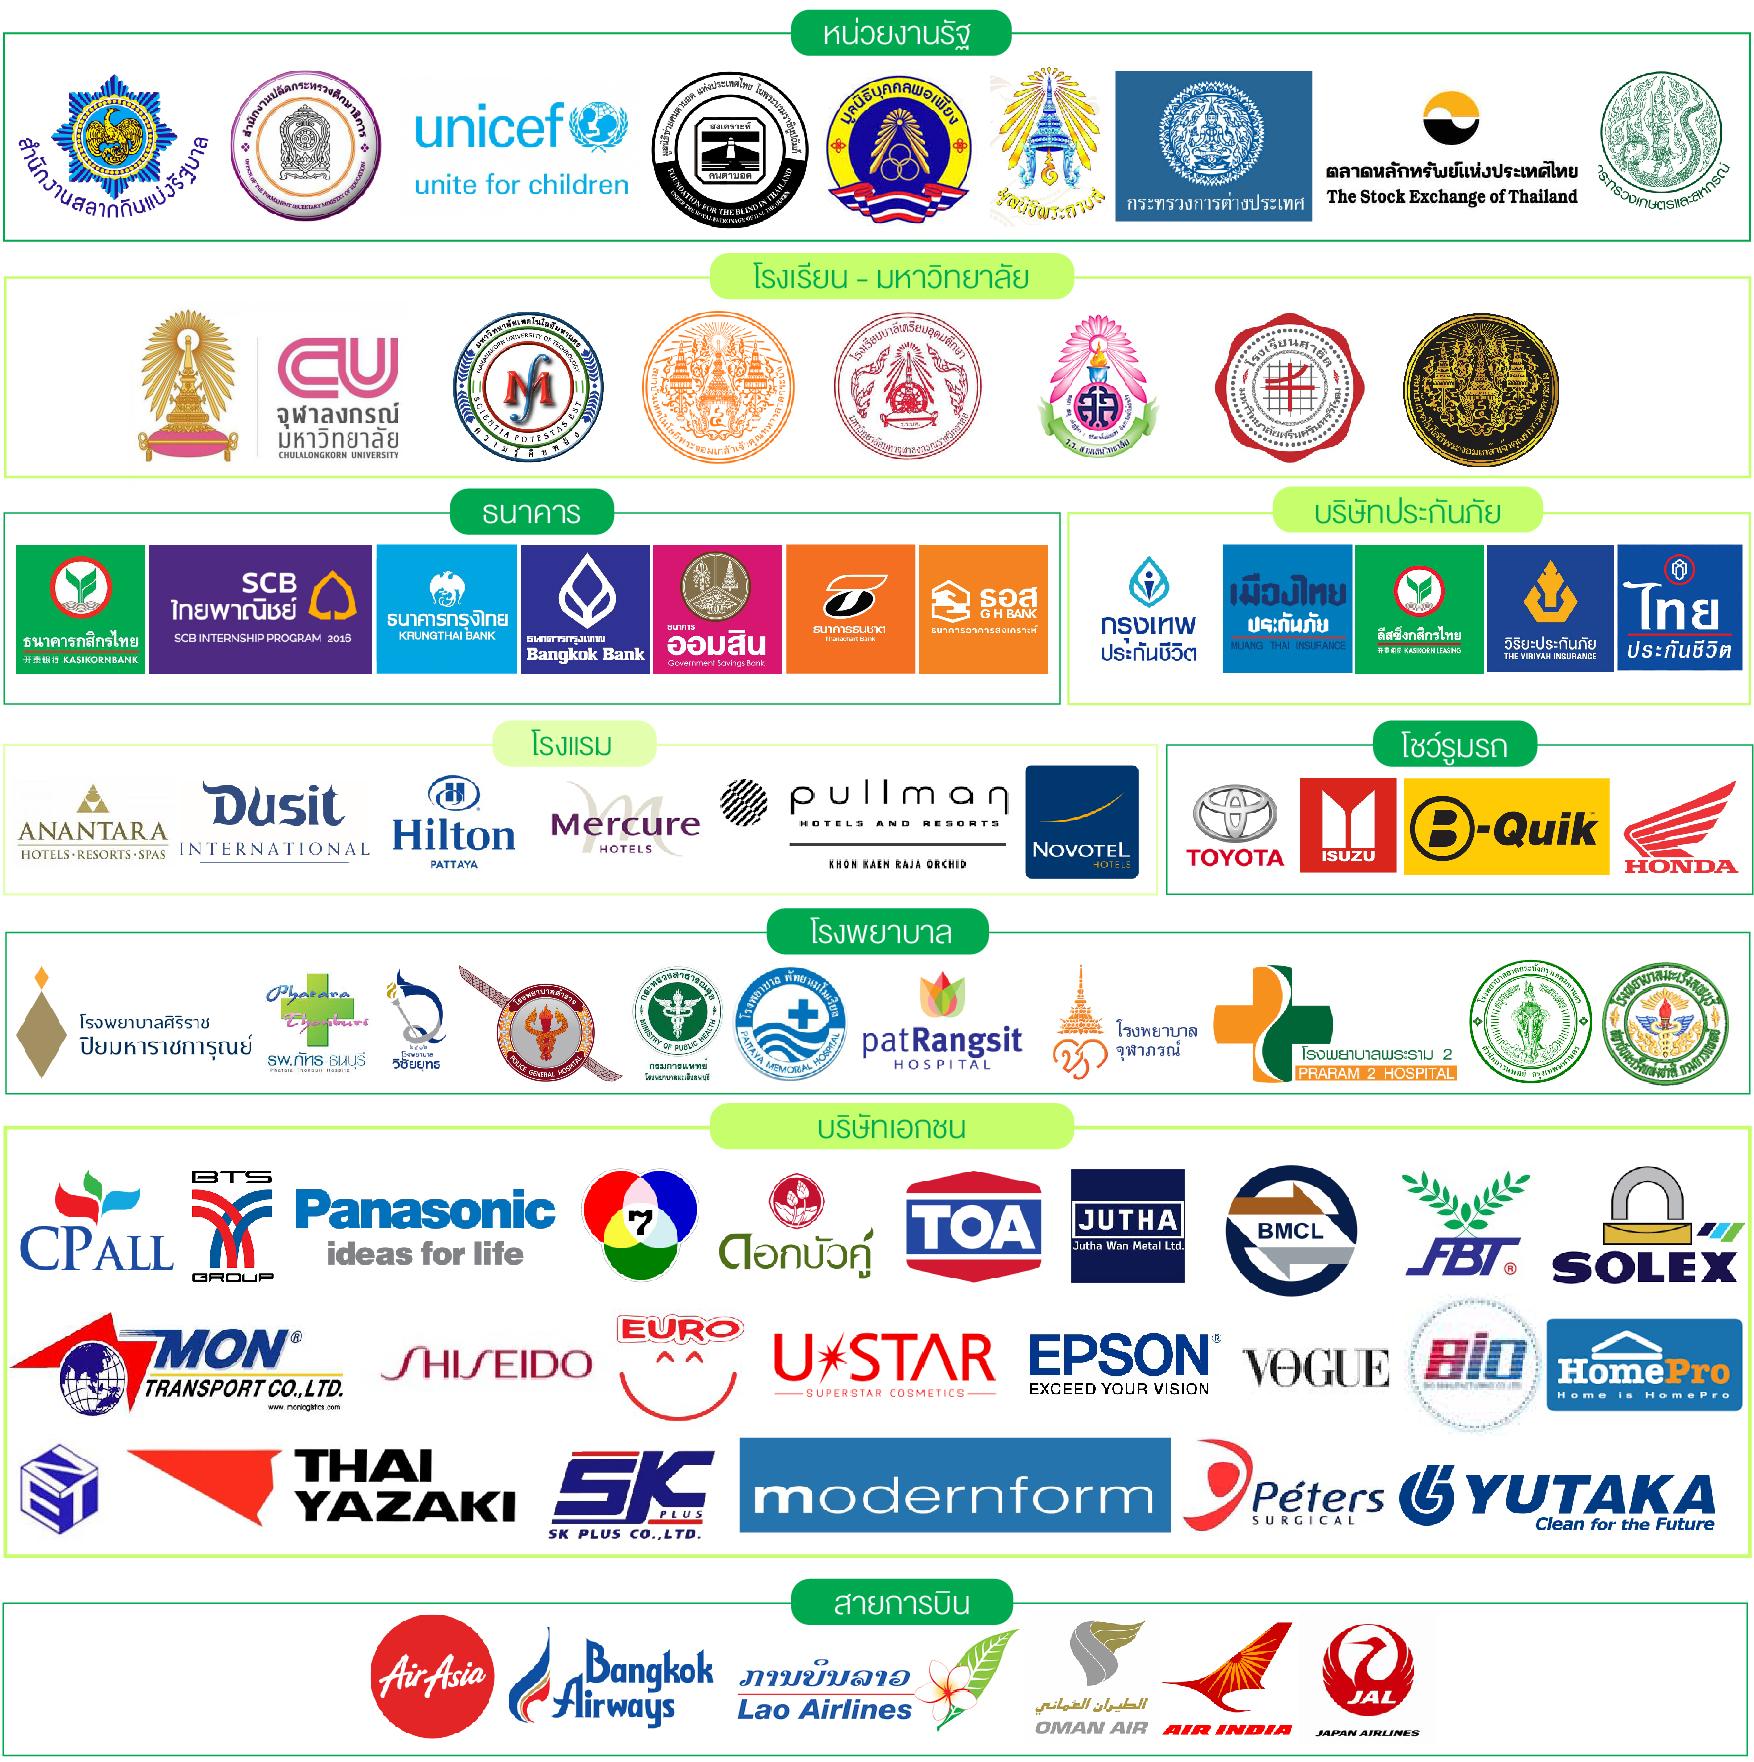 หลากหลายองค์กรชั้นนำไว้วางใจภัทร